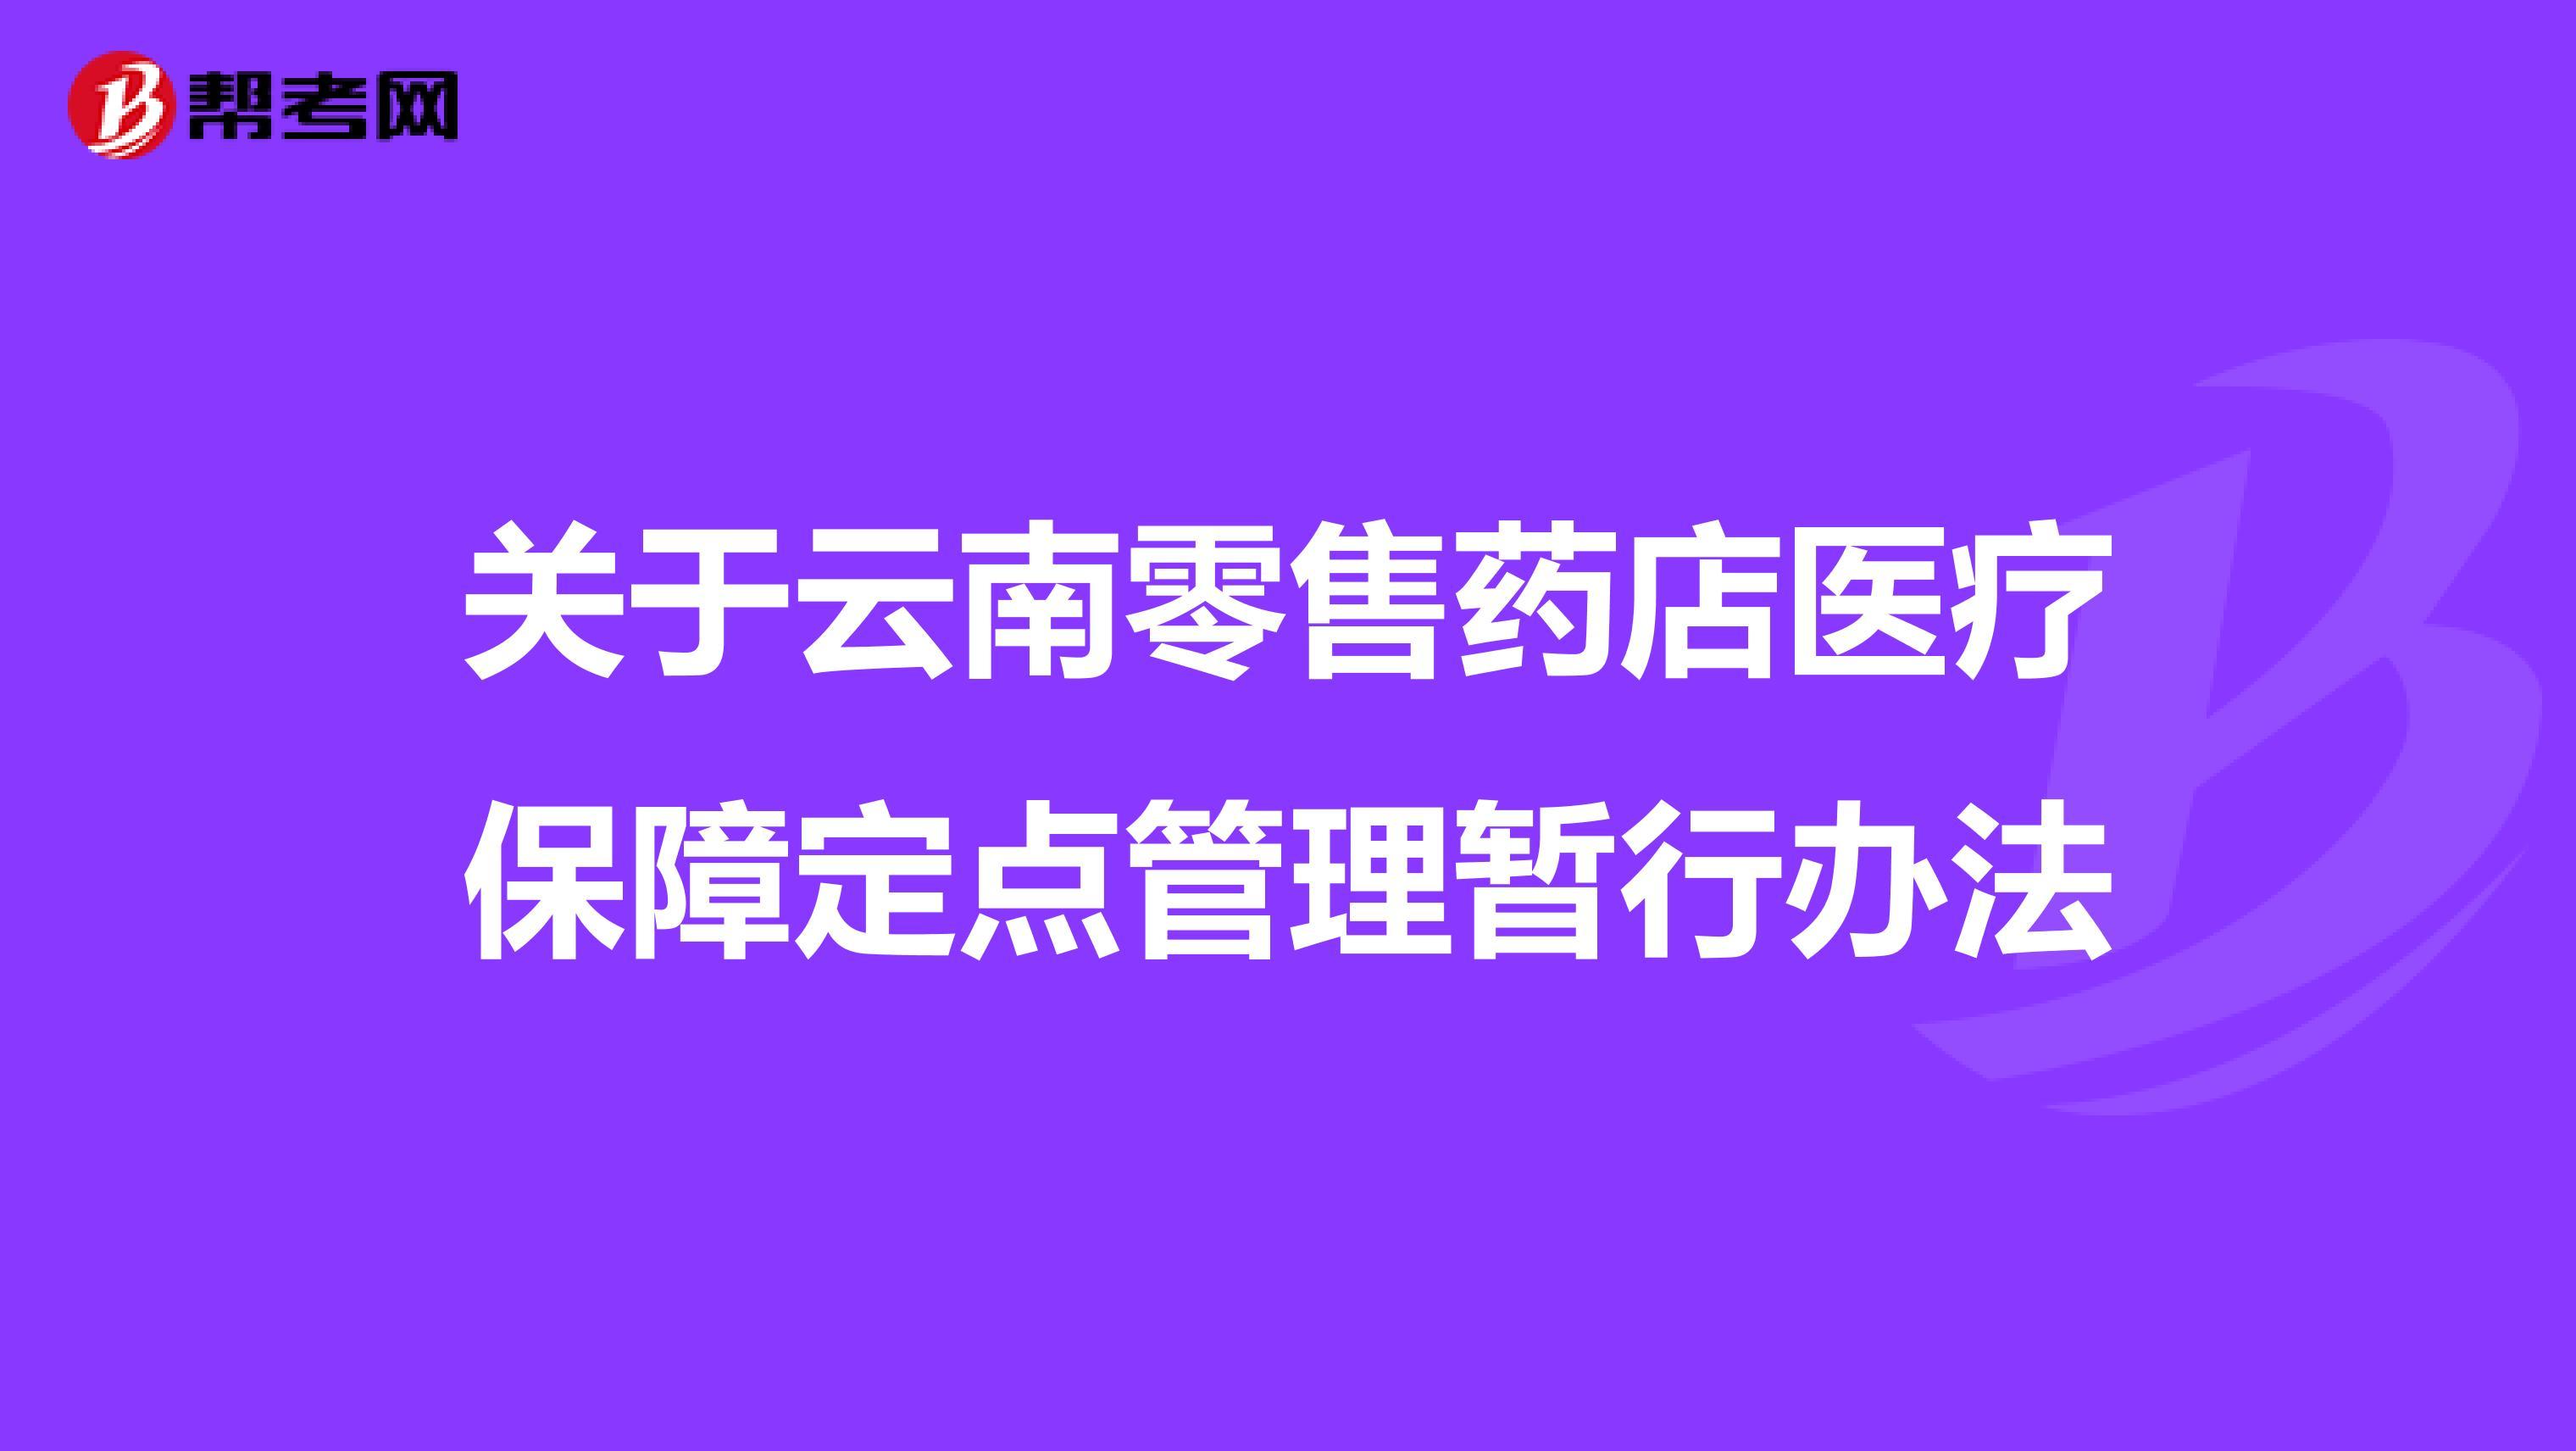 关于云南零售药店医疗保障定点管理暂行办法